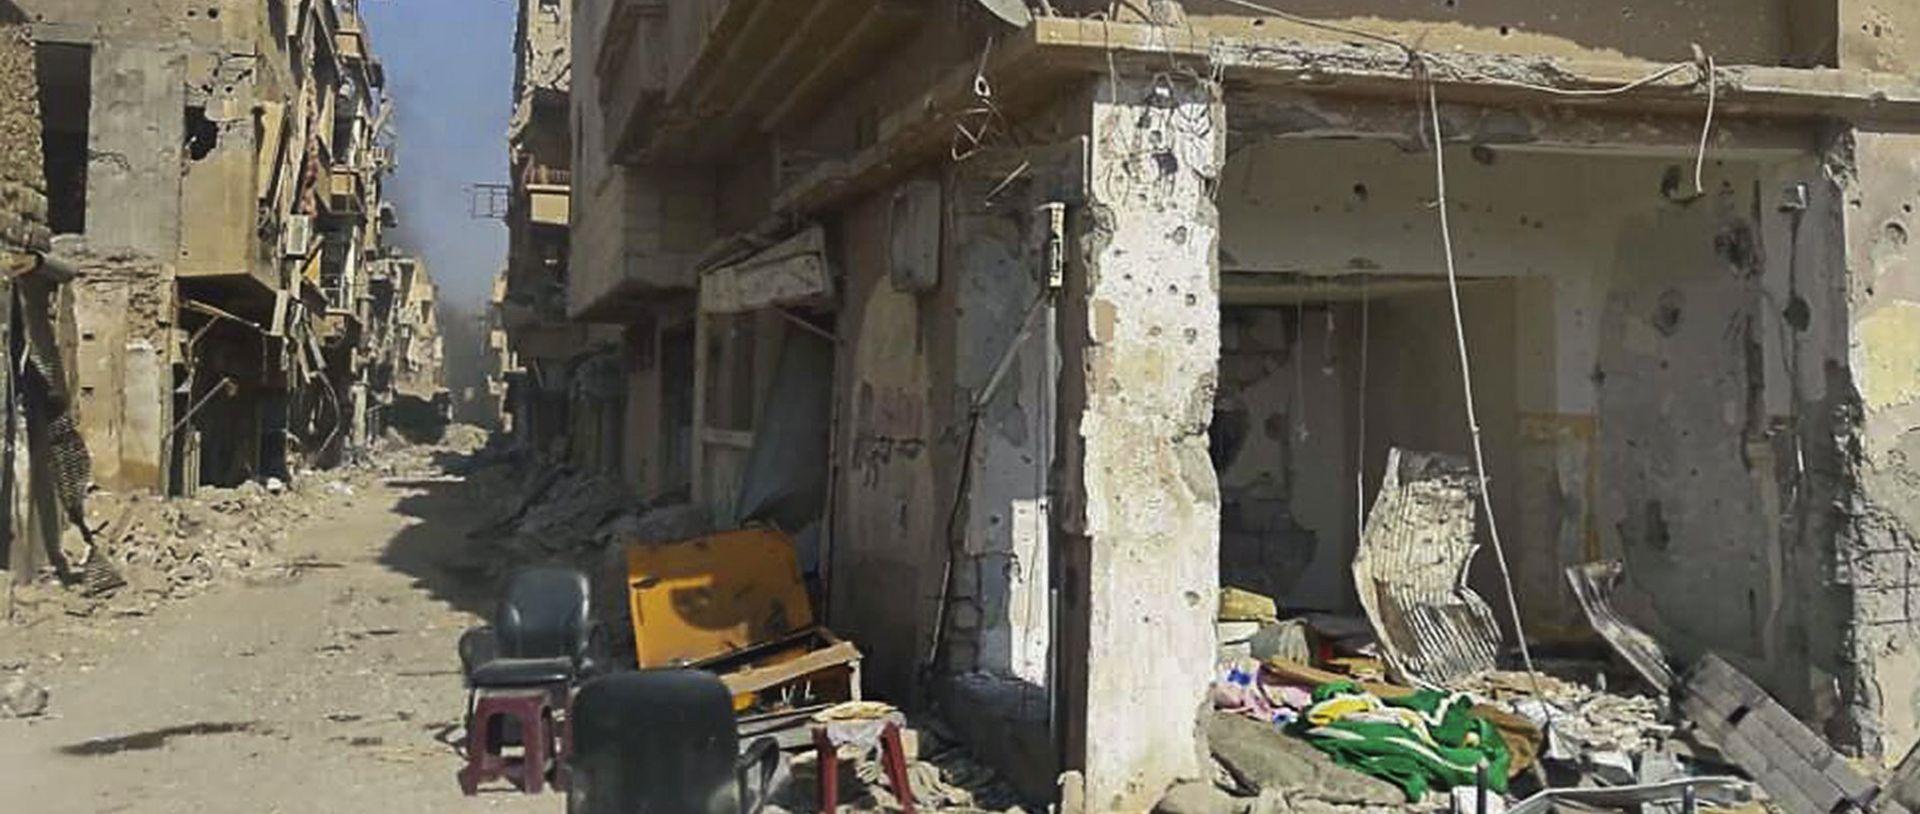 MASAKR U napadu IS-a na području Deir al-Zora ubijeno 75 civila